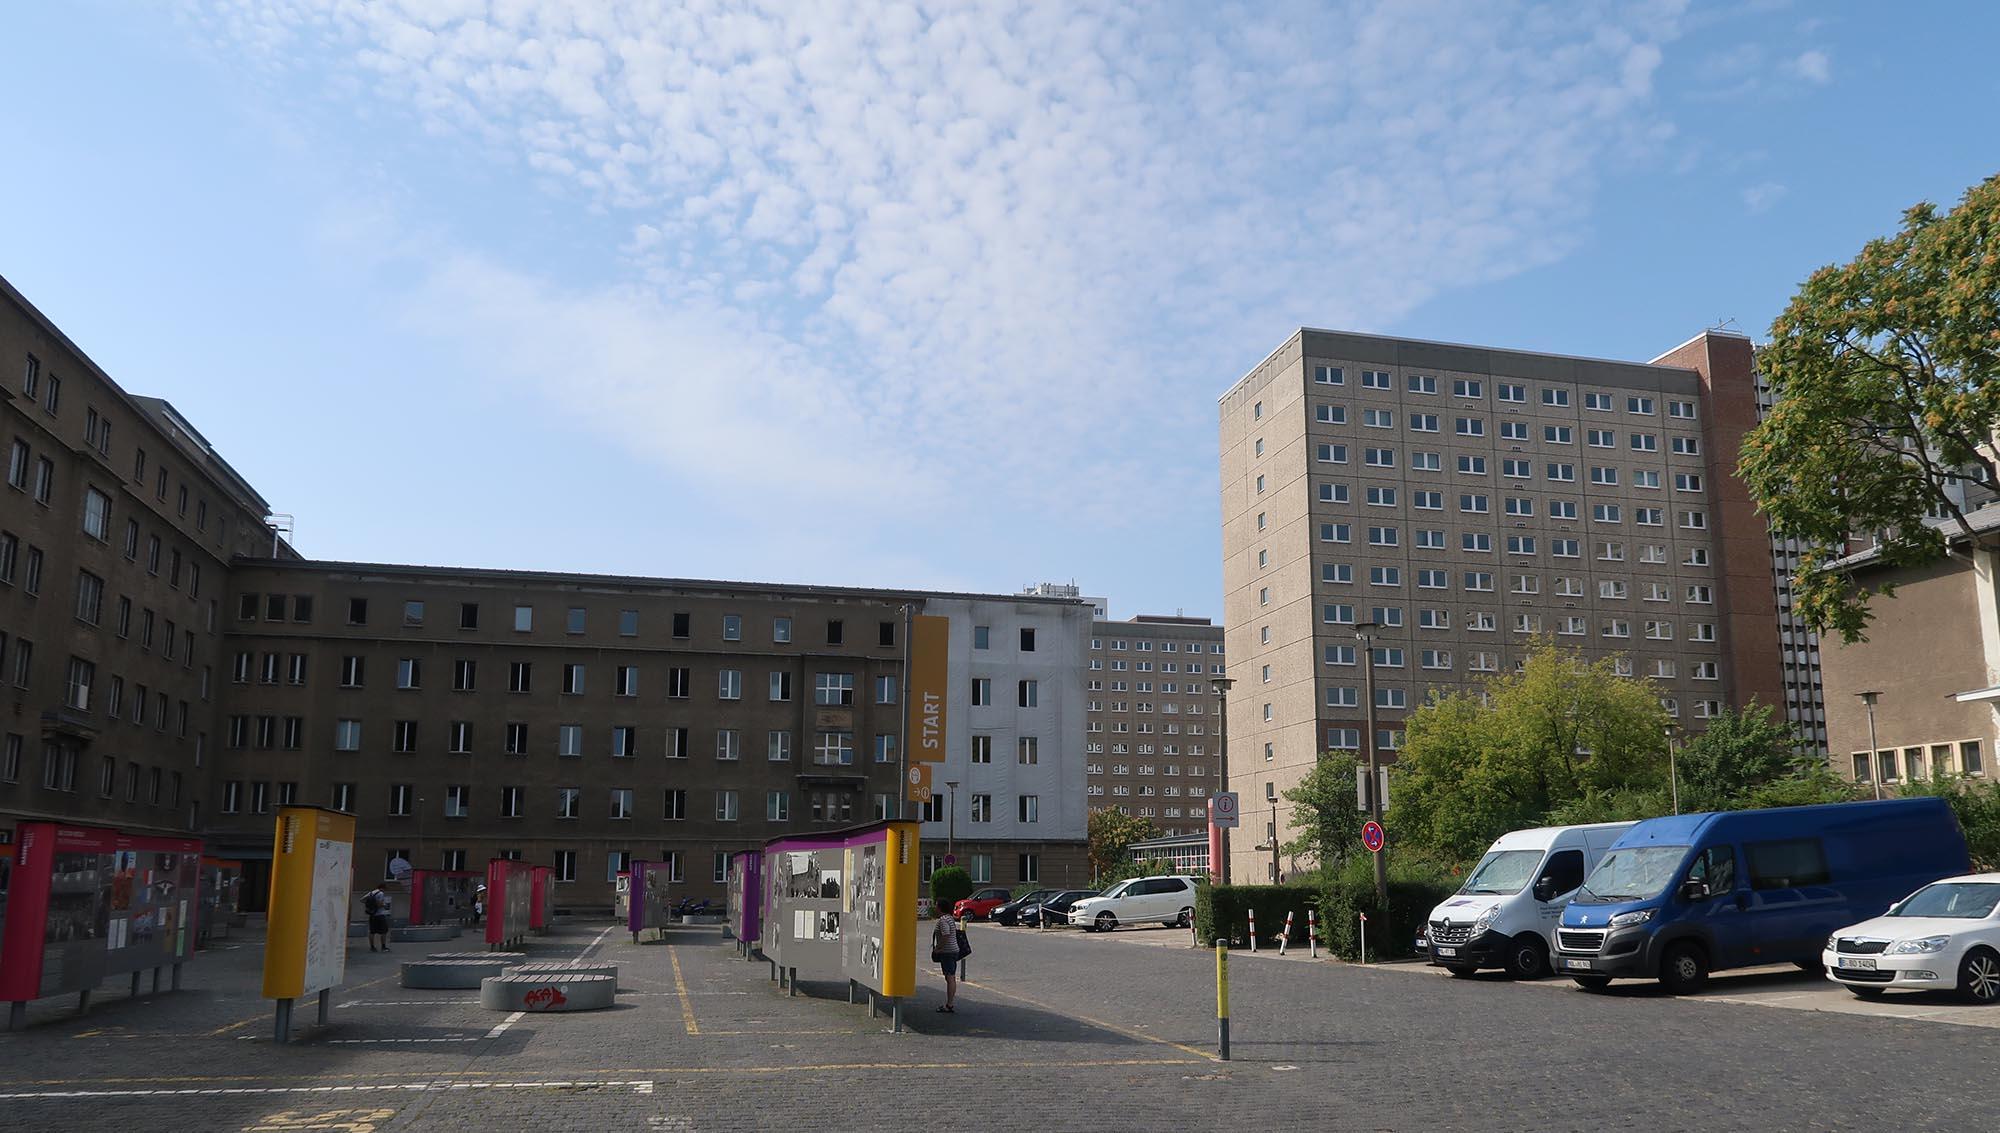 Stasi-muséeet i Berlin kan varmt rekommenderas